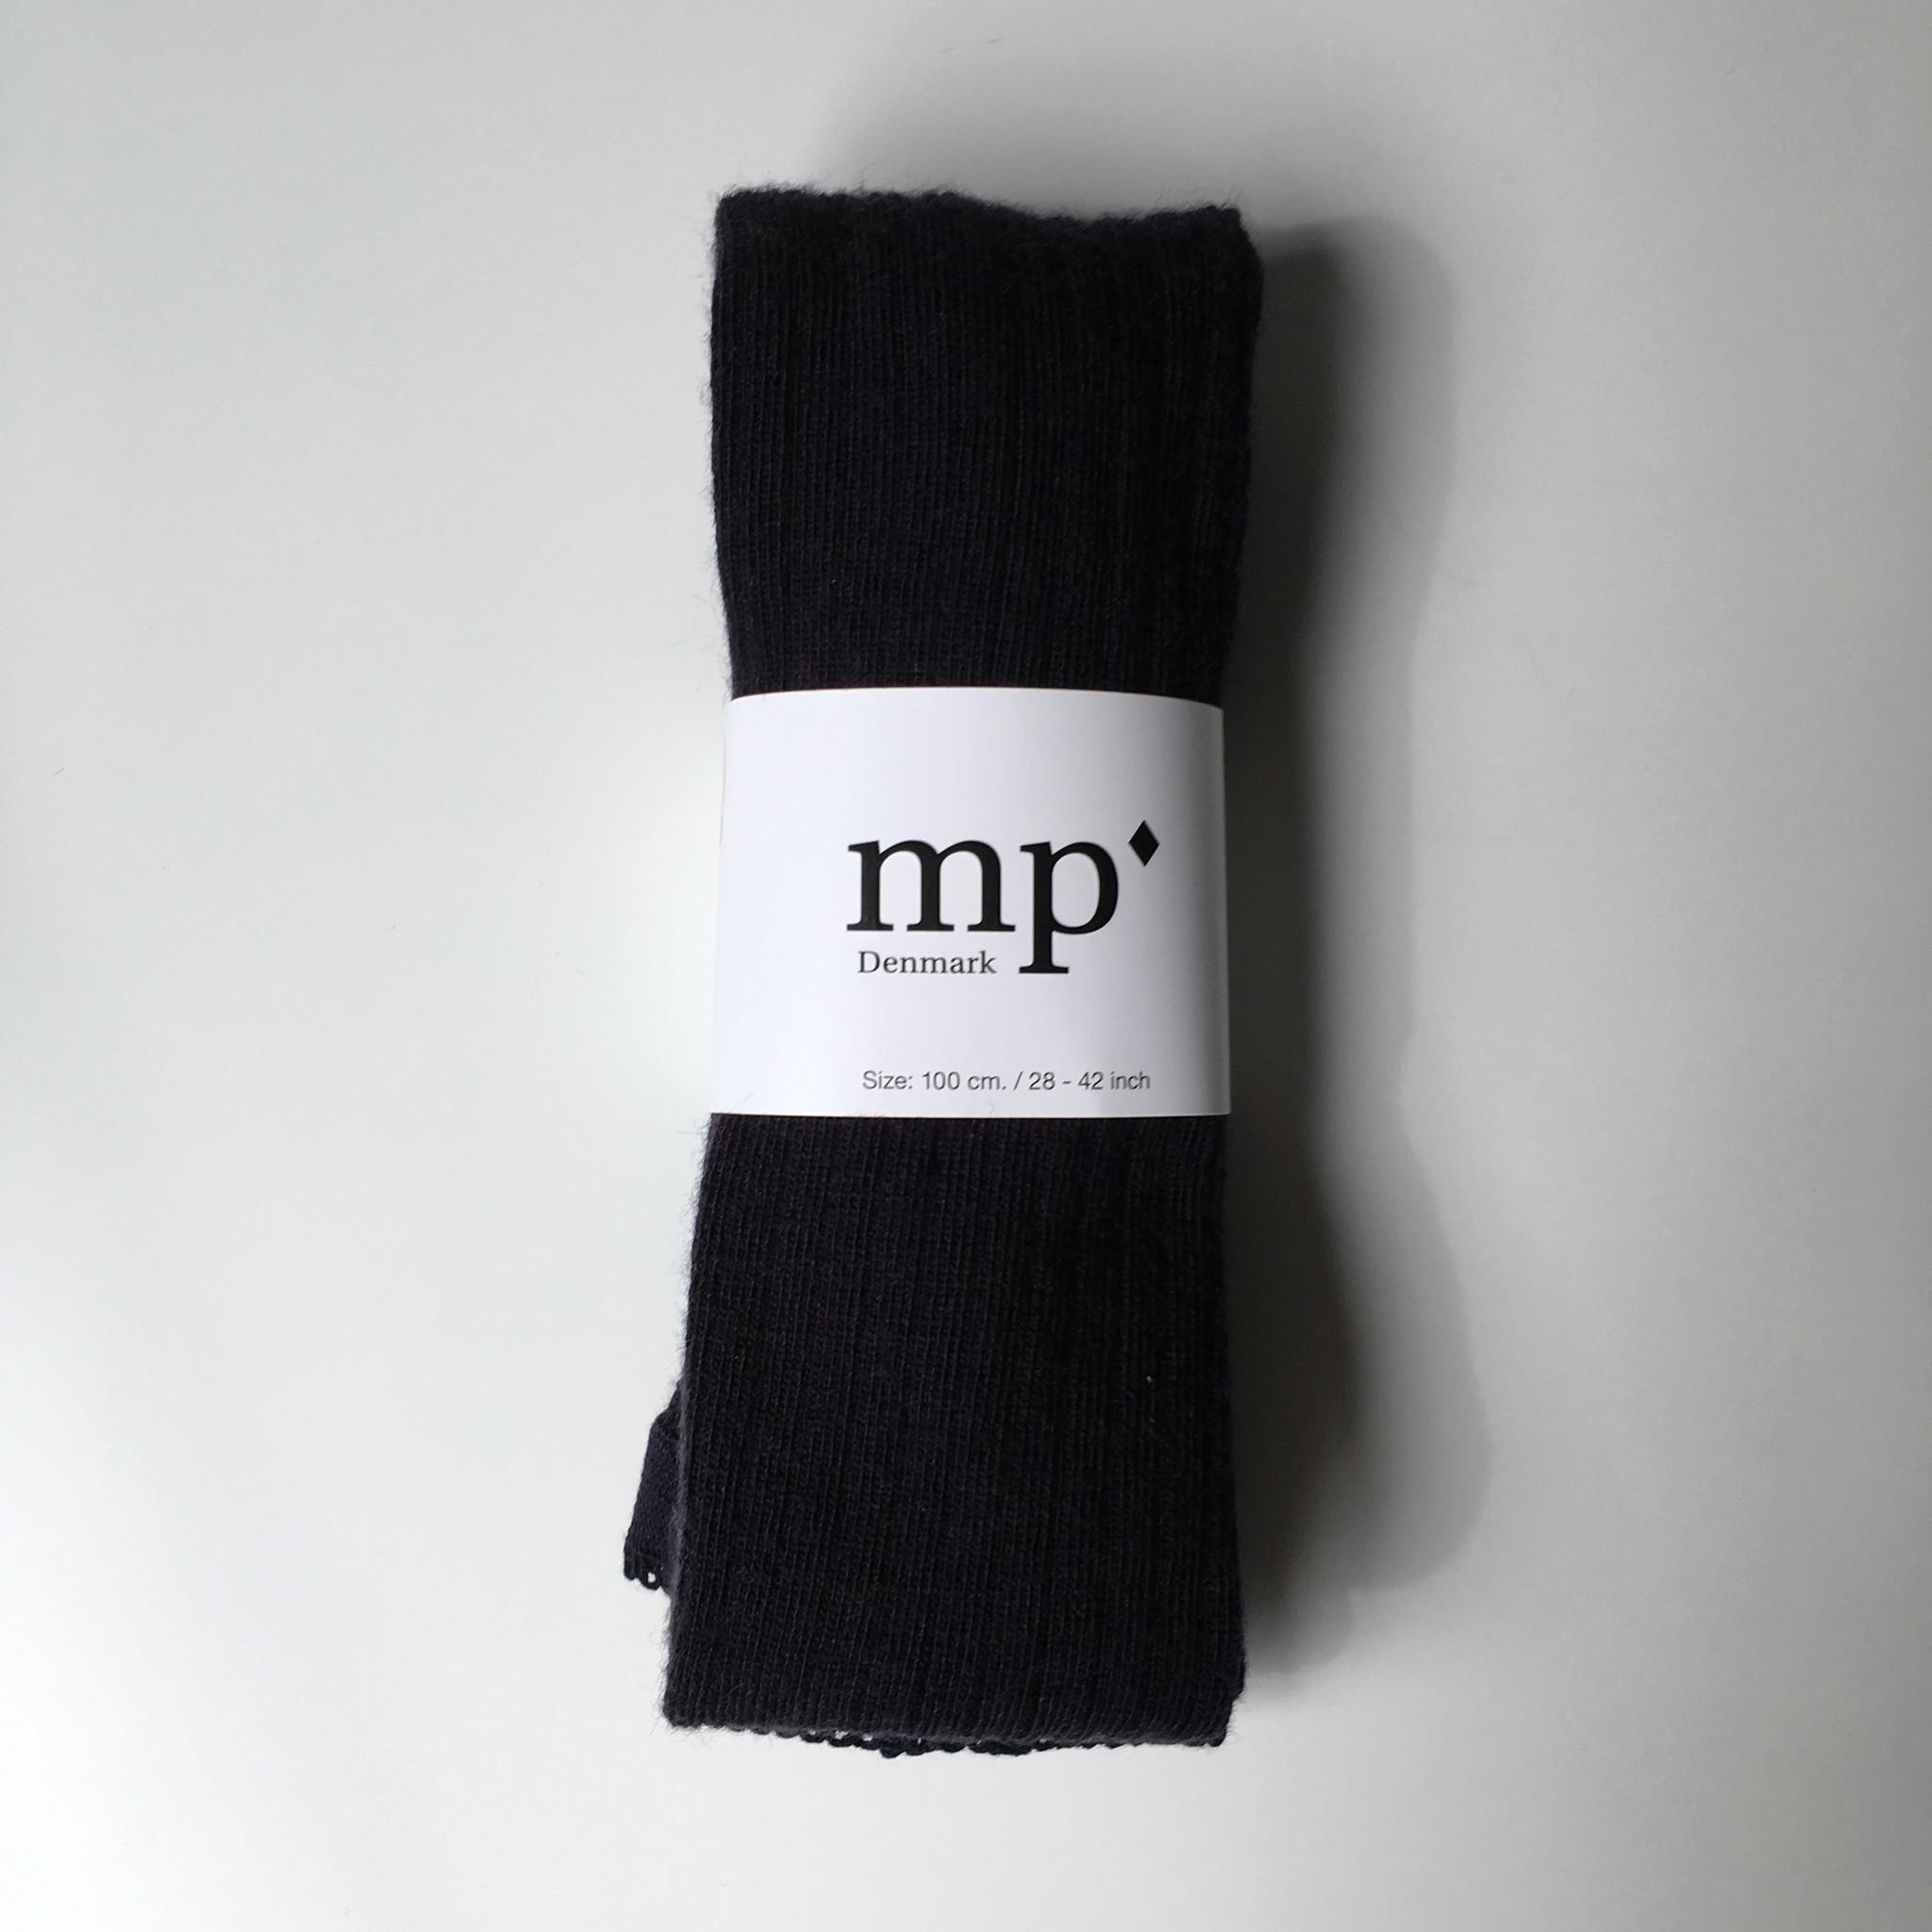 MP Denmark wollen maillot - geribd - donkerblauw - 90 tm 160